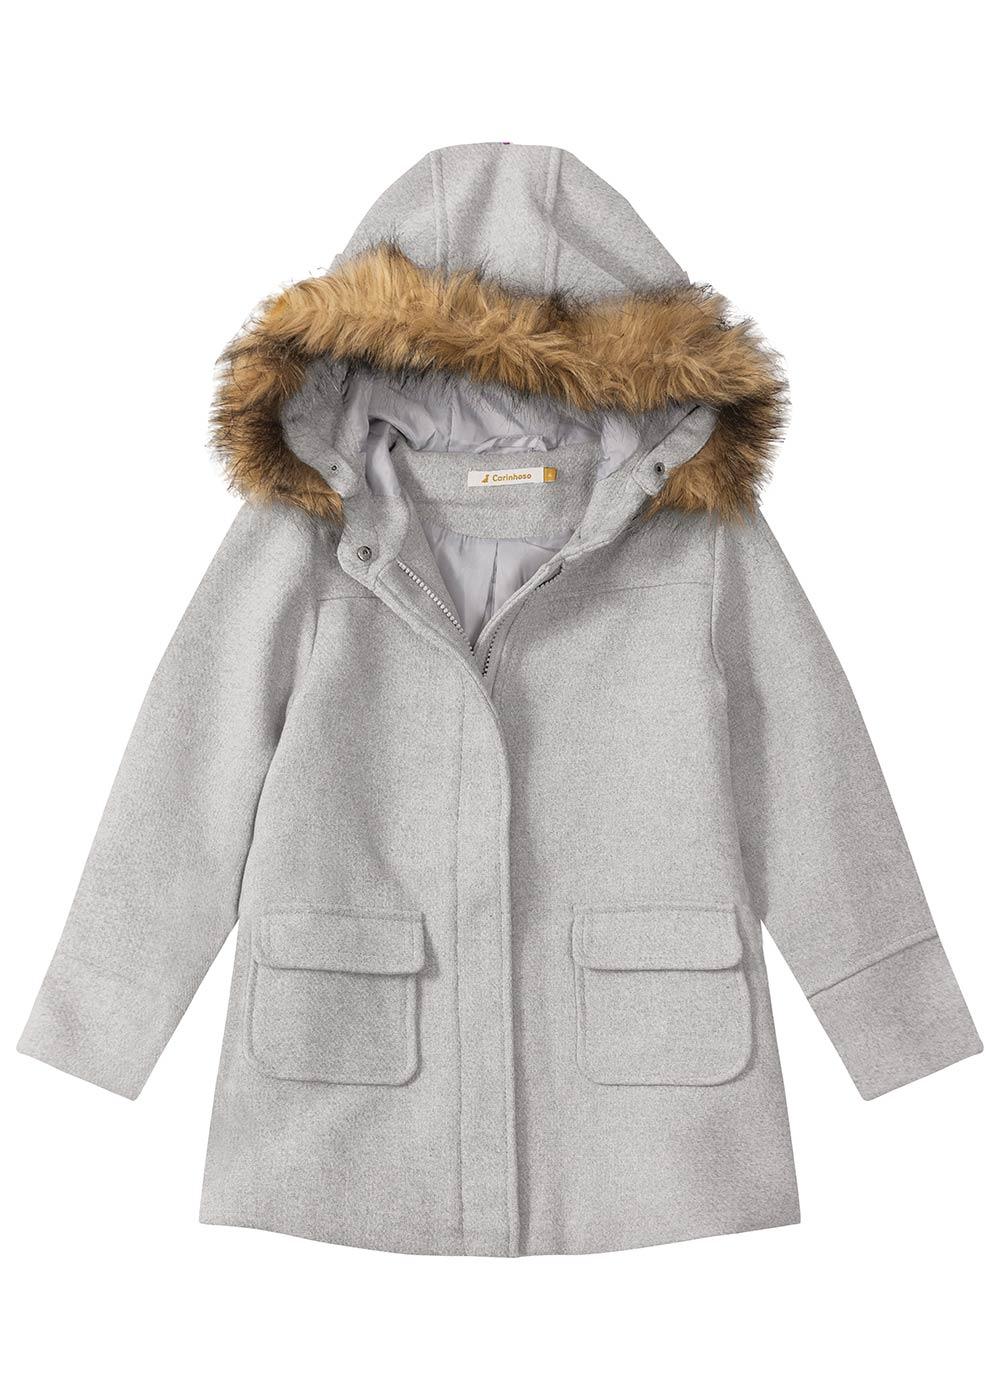 Sobretudo Infantil Feminino Inverno Cinza Capuz c/ Pelo Removível - Carinhoso